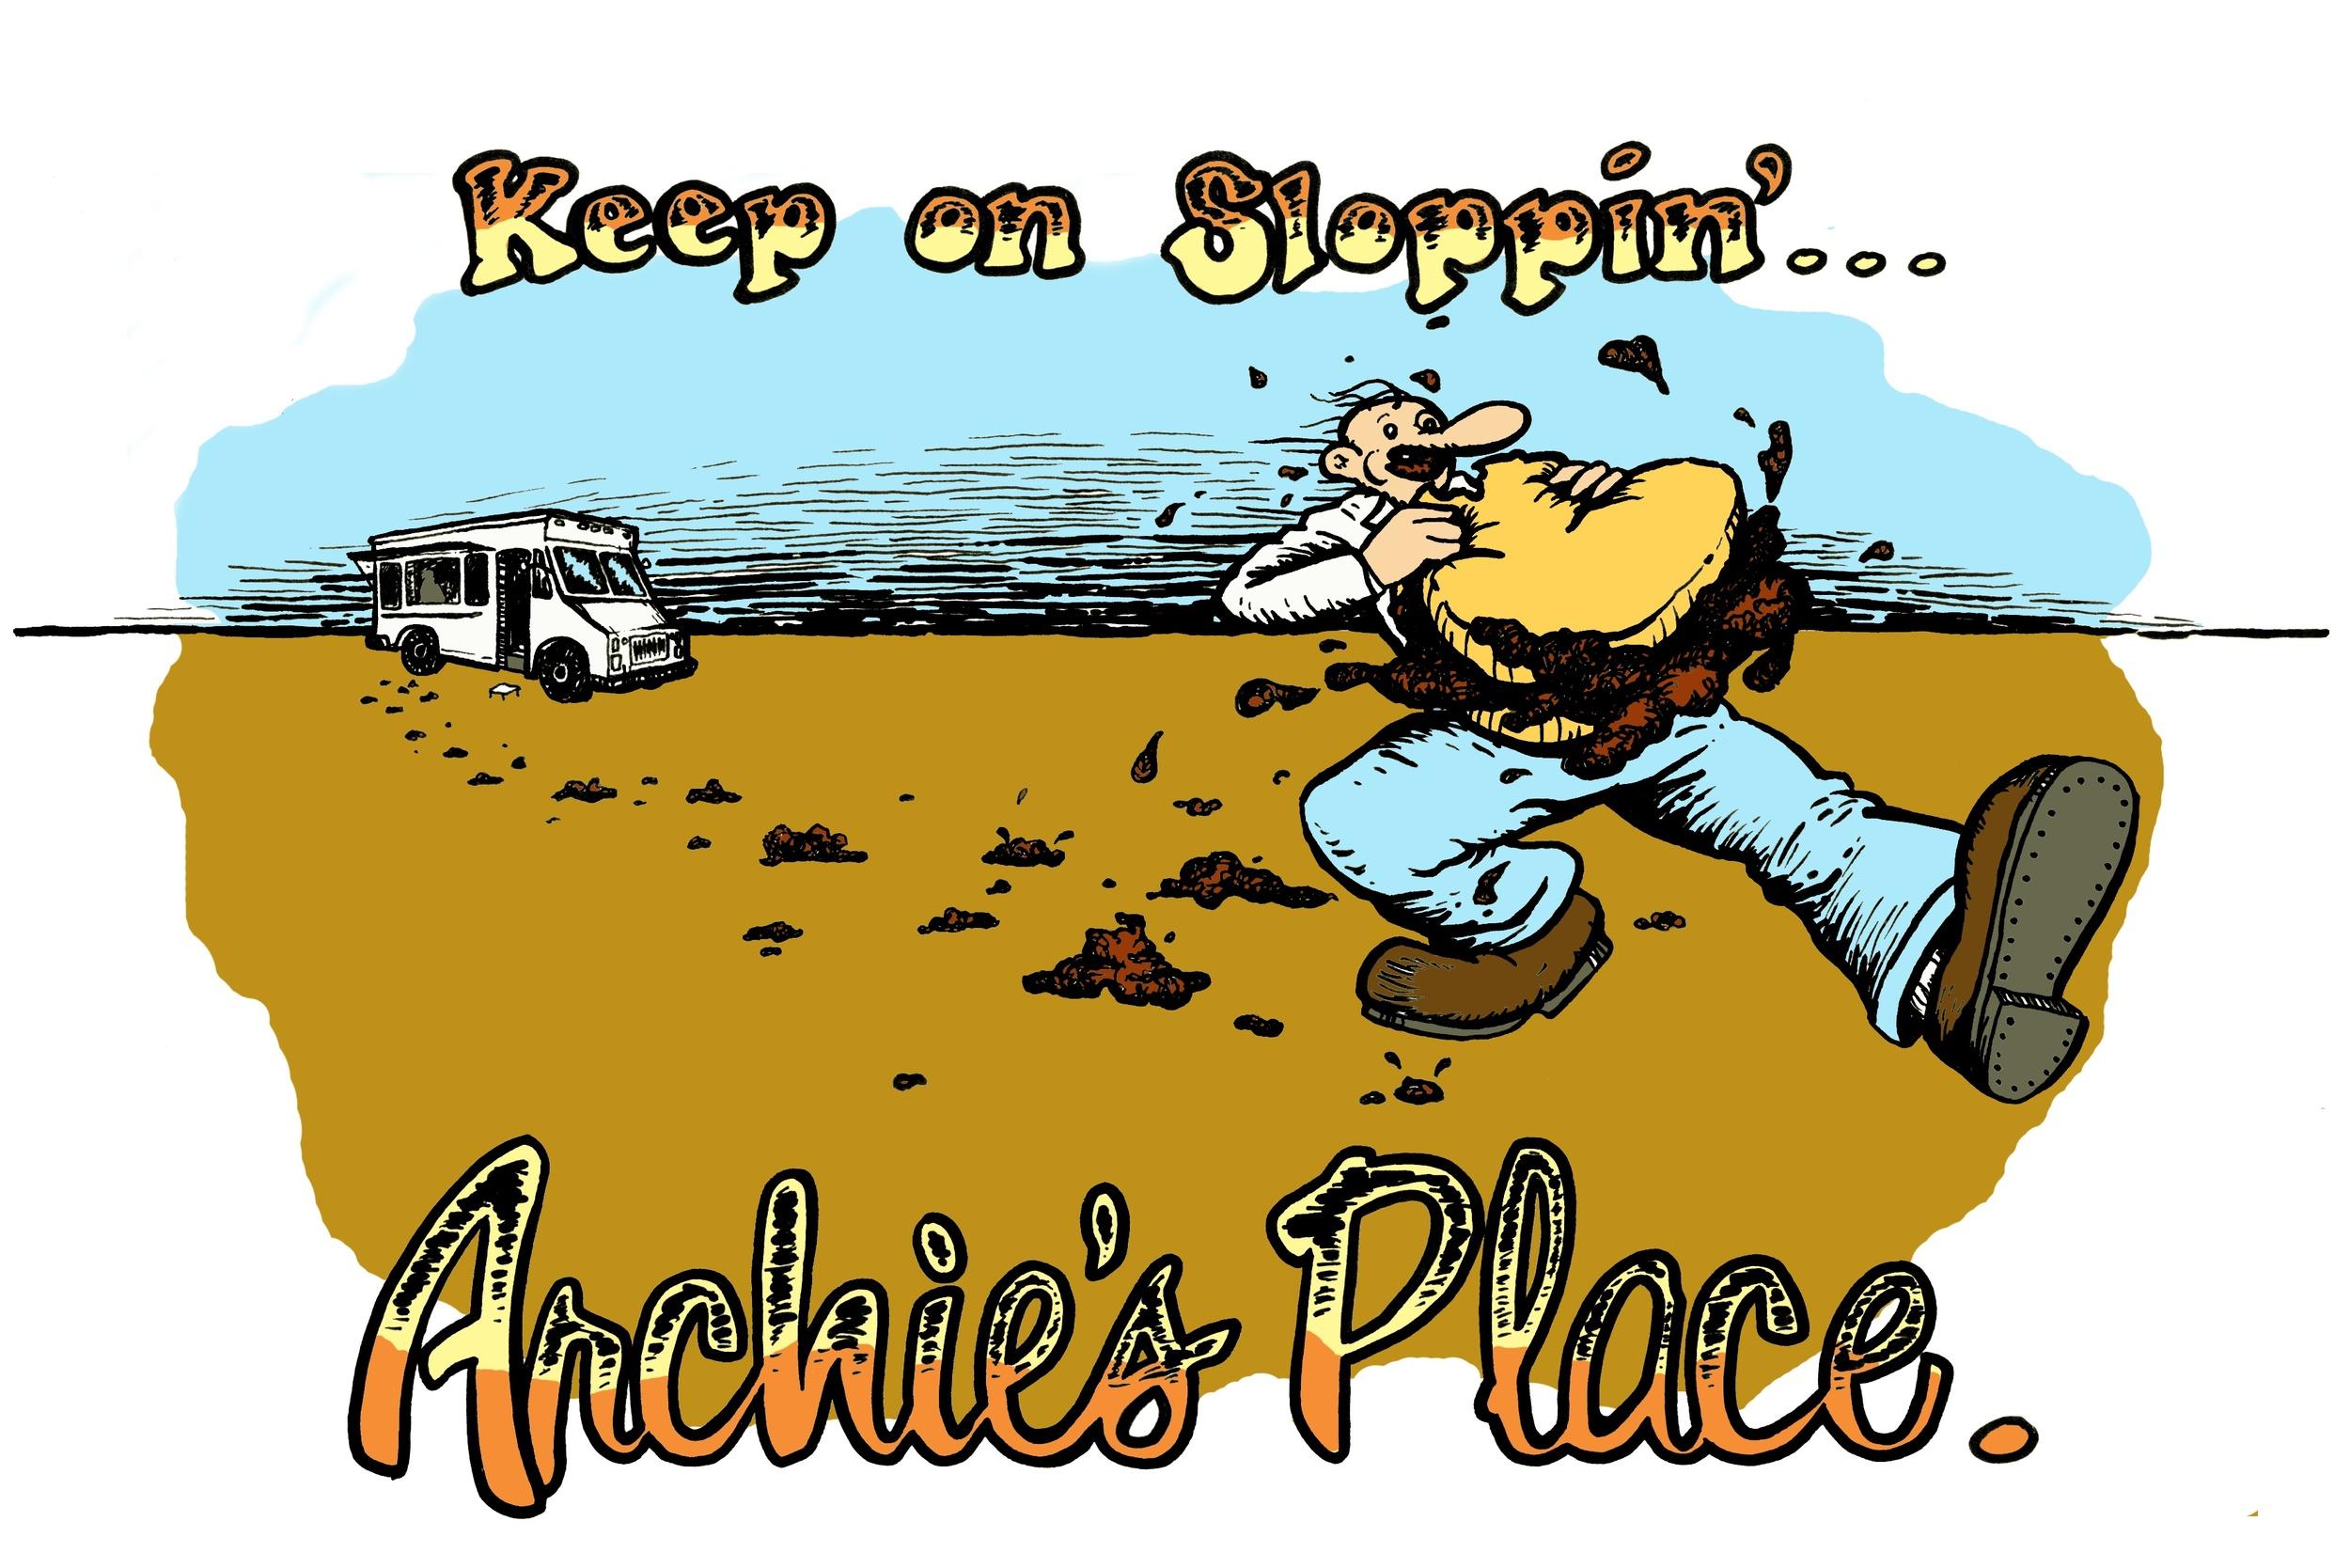 Archie's Place